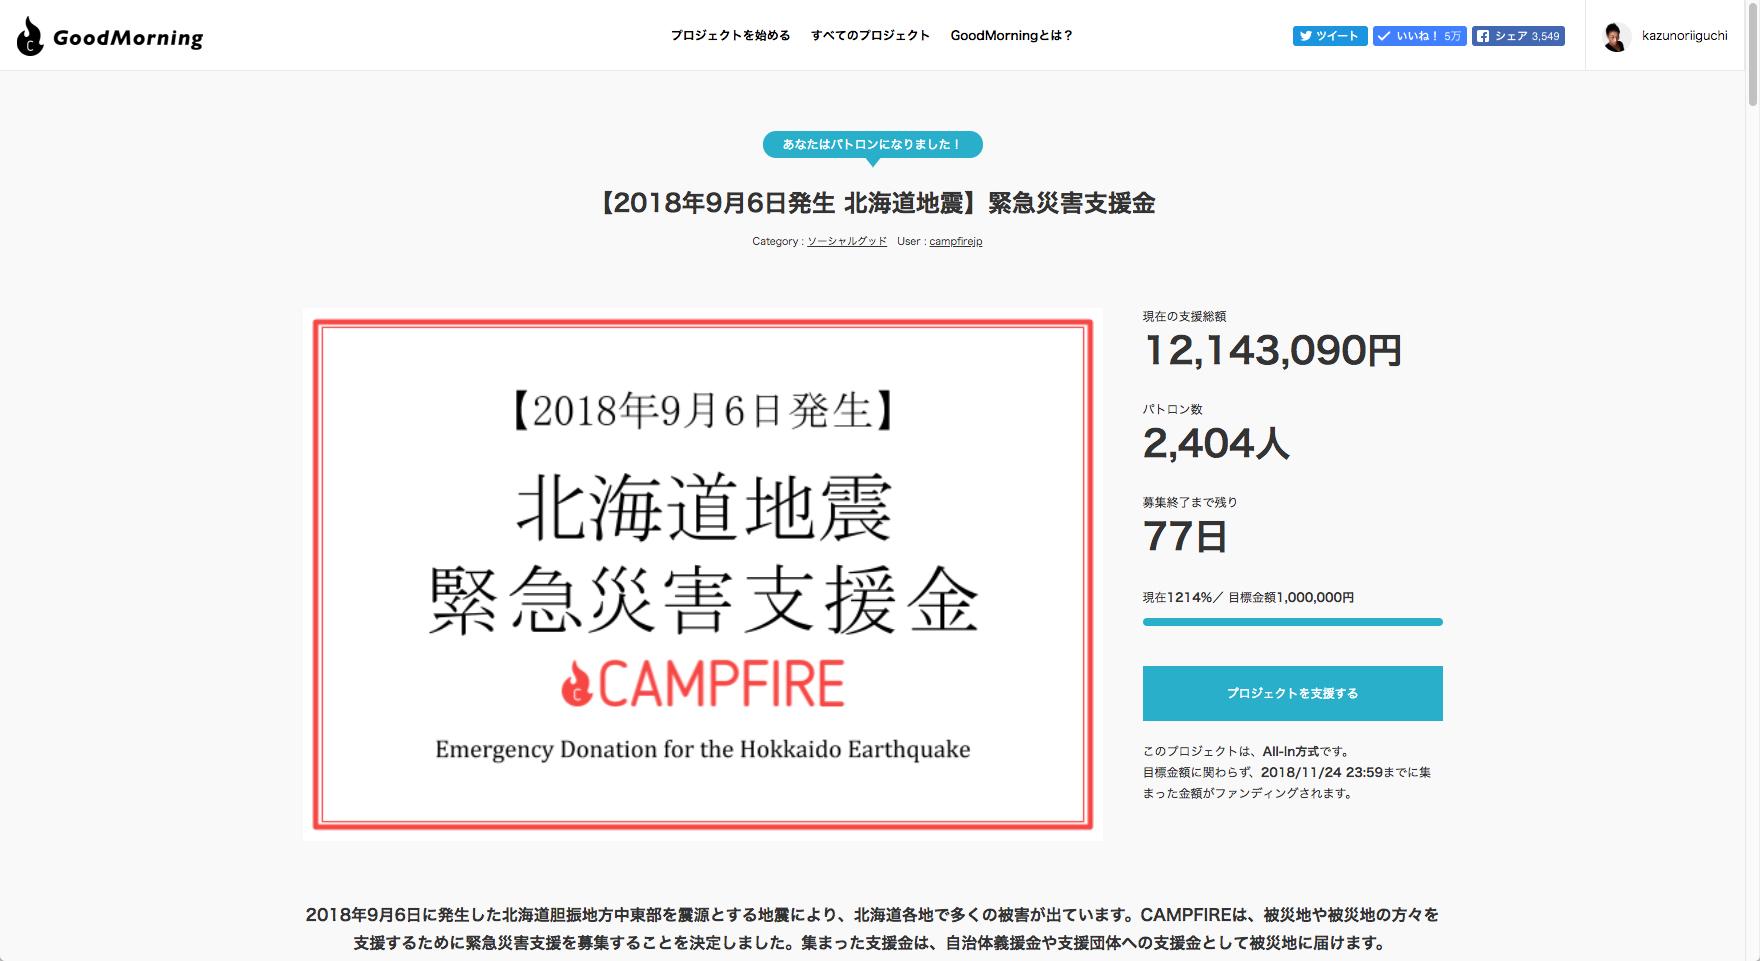 【2018年9月6日発生 北海道地震】緊急災害支援金